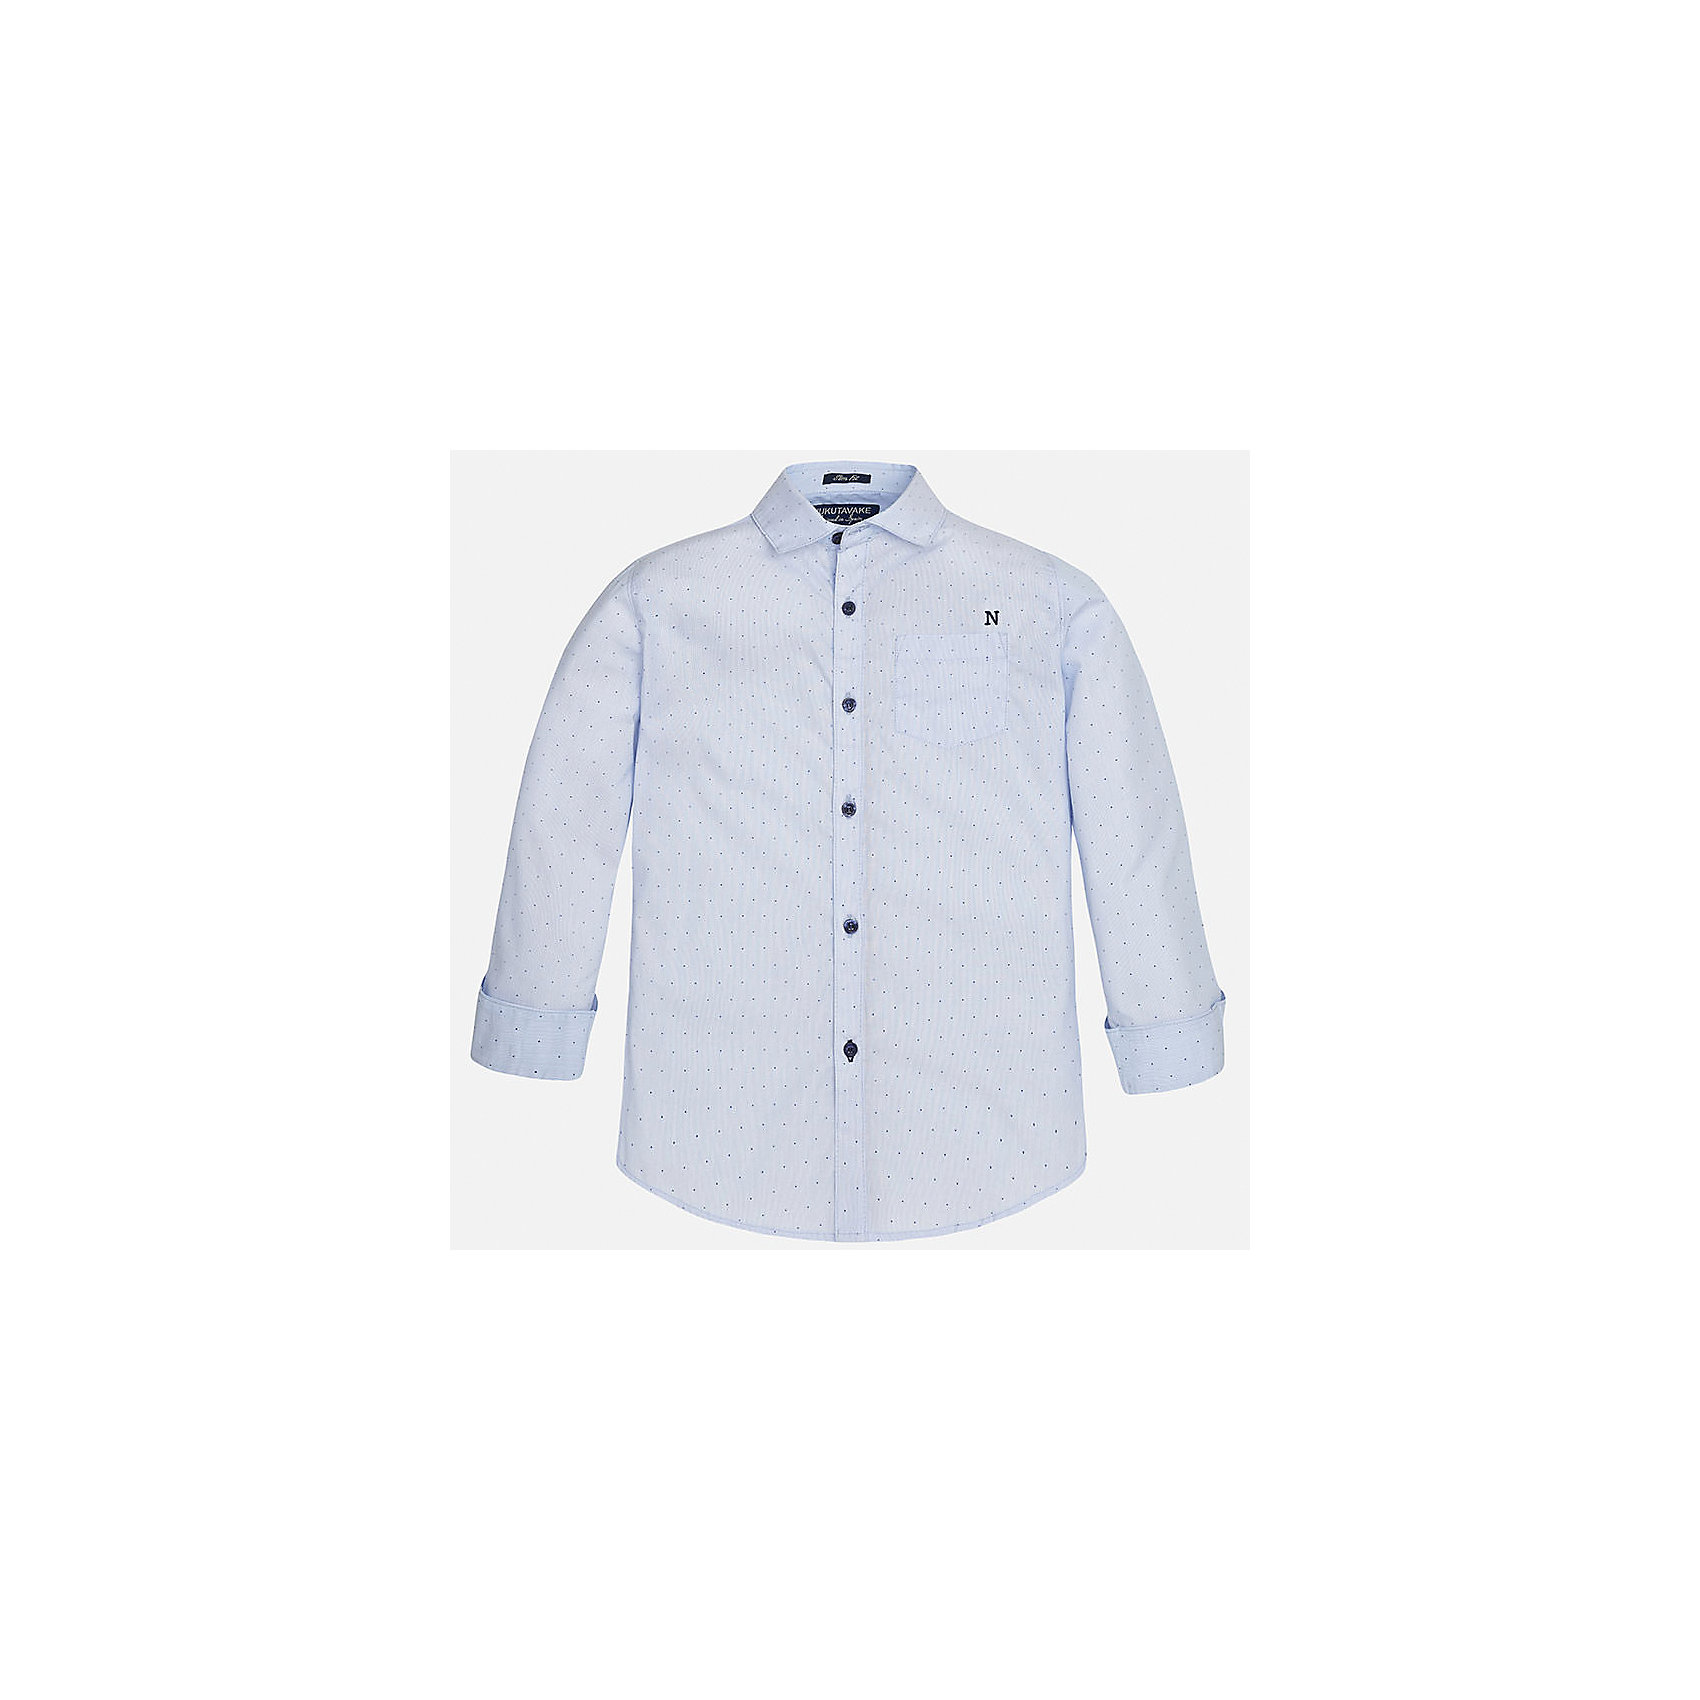 Рубашка для мальчика MayoralОдежда<br>Характеристики товара:<br><br>• цвет: голубой<br>• состав: 100% хлопок<br>• отложной воротник<br>• декорирована карманом на груди<br>• рукава с отворотами<br>• застежки: пуговицы<br>• страна бренда: Испания<br><br>Модная рубашка поможет разнообразить гардероб мальчика. Она отлично сочетается с брюками, шортами, джинсами. Универсальный крой и цвет позволяет подобрать к вещи низ разных расцветок. Практичное и стильное изделие! Хорошо смотрится и комфортно сидит на детях. В составе материала - только натуральный хлопок, гипоаллергенный, приятный на ощупь, дышащий. <br><br>Одежда, обувь и аксессуары от испанского бренда Mayoral полюбились детям и взрослым по всему миру. Модели этой марки - стильные и удобные. Для их производства используются только безопасные, качественные материалы и фурнитура. Порадуйте ребенка модными и красивыми вещами от Mayoral! <br><br>Рубашку для мальчика от испанского бренда Mayoral (Майорал) можно купить в нашем интернет-магазине.<br><br>Ширина мм: 174<br>Глубина мм: 10<br>Высота мм: 169<br>Вес г: 157<br>Цвет: голубой<br>Возраст от месяцев: 84<br>Возраст до месяцев: 96<br>Пол: Мужской<br>Возраст: Детский<br>Размер: 128/134,158,164,152,140,170<br>SKU: 5281659